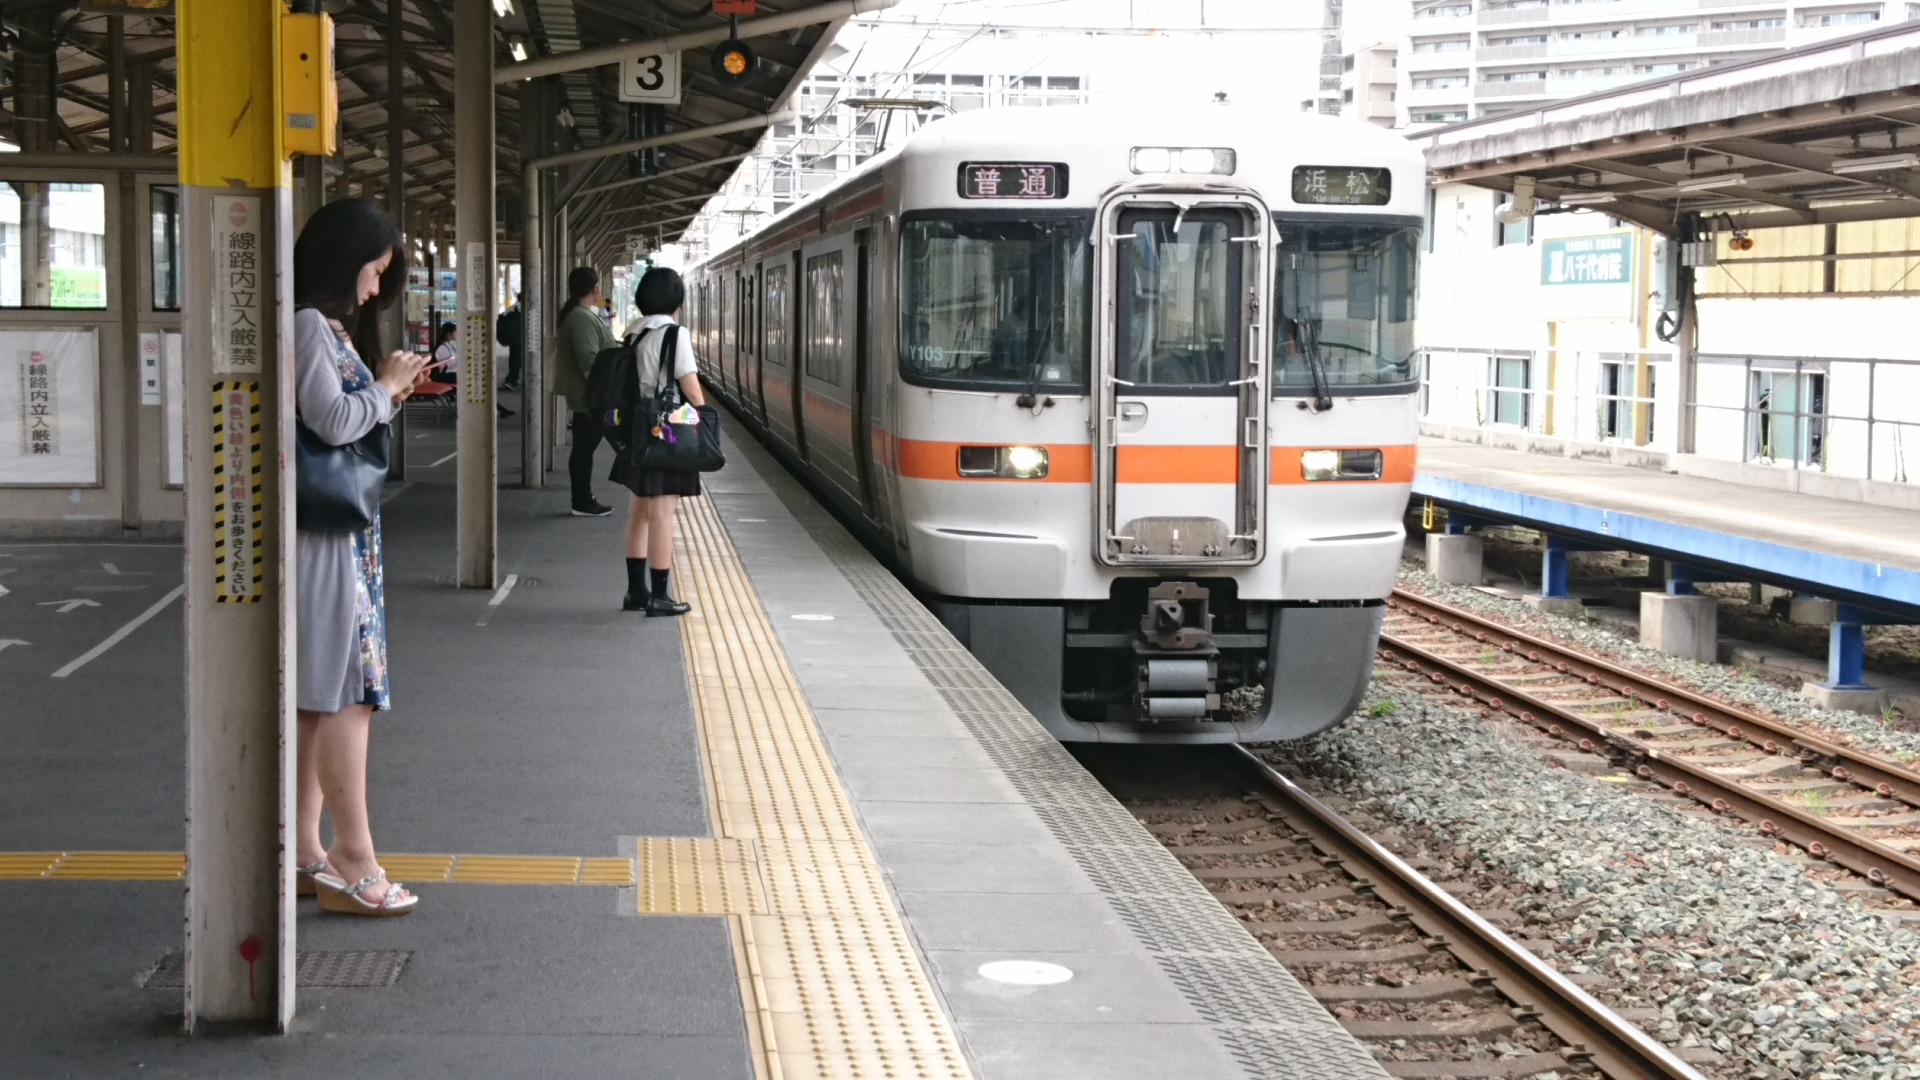 2017.6.27 あんじょう - 岐阜発浜松いきふつう 720-1280